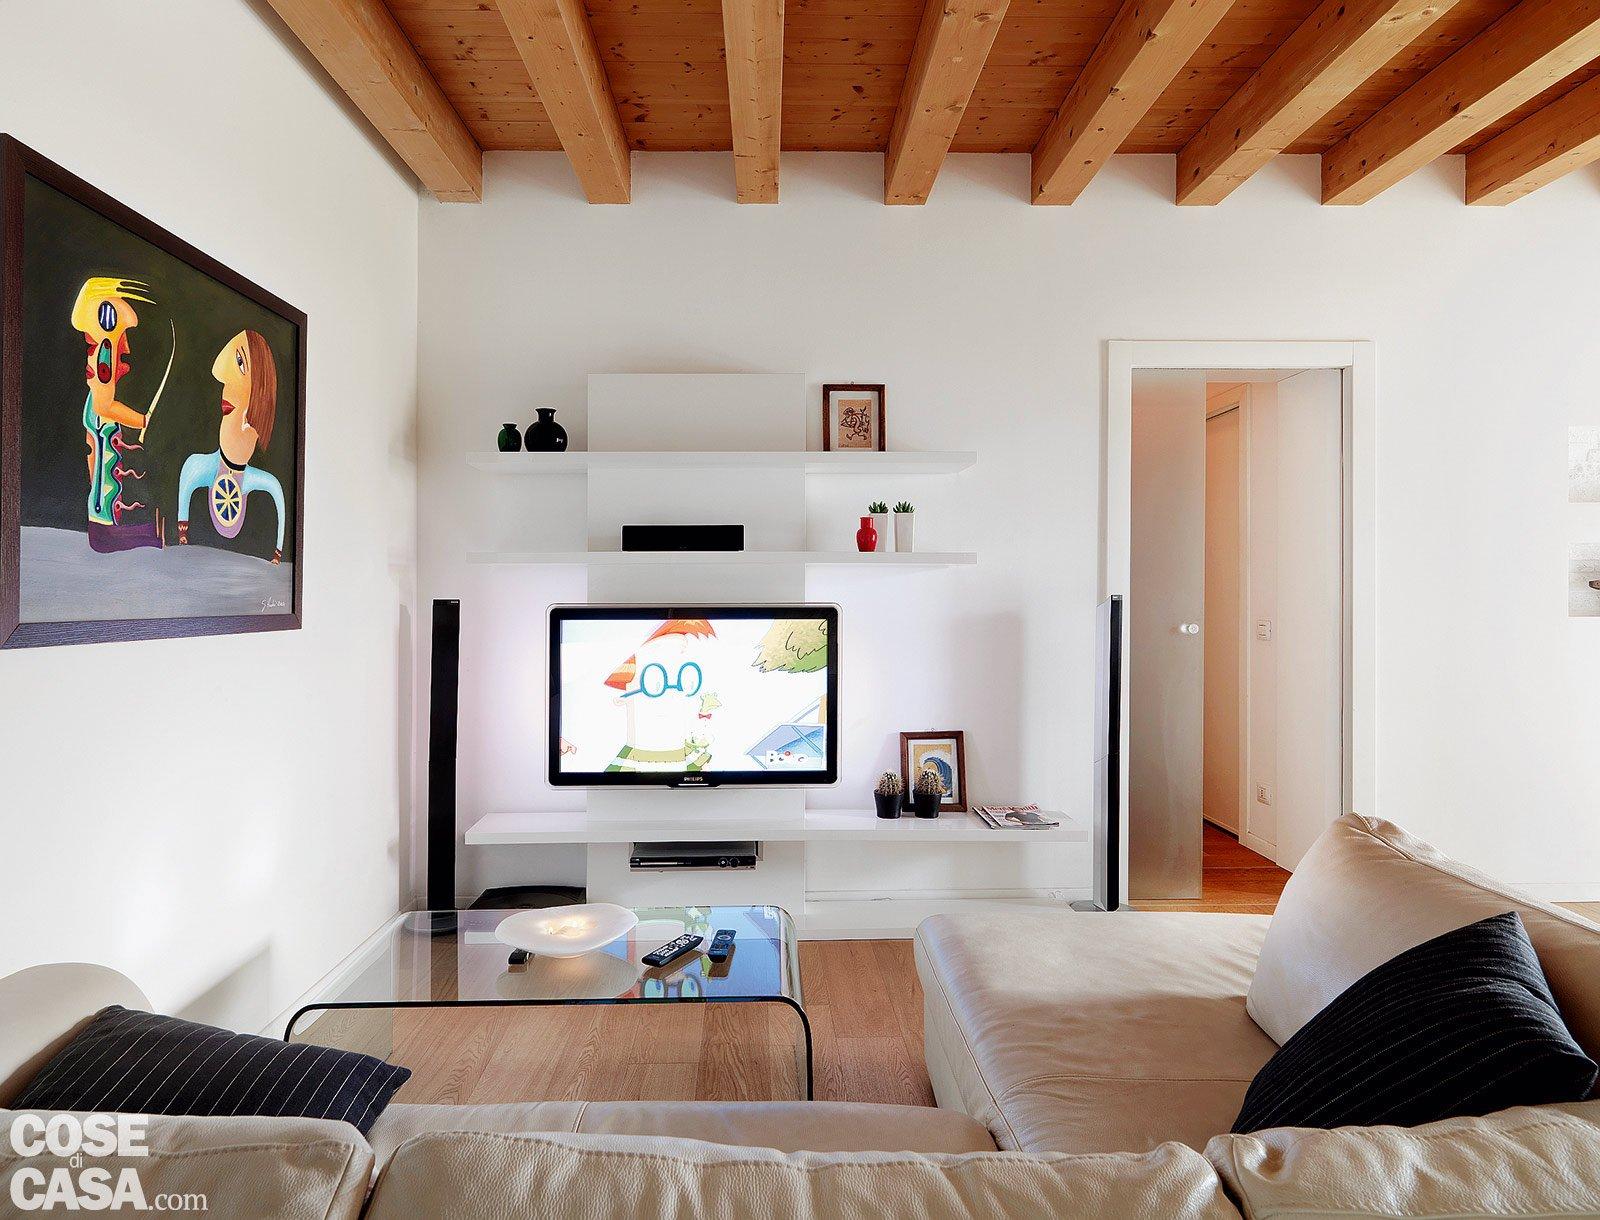 Salotto Con Parquet E Libreria A Muro Interior Design : Casa con quot trucchi mq sembrano più grandi cose di